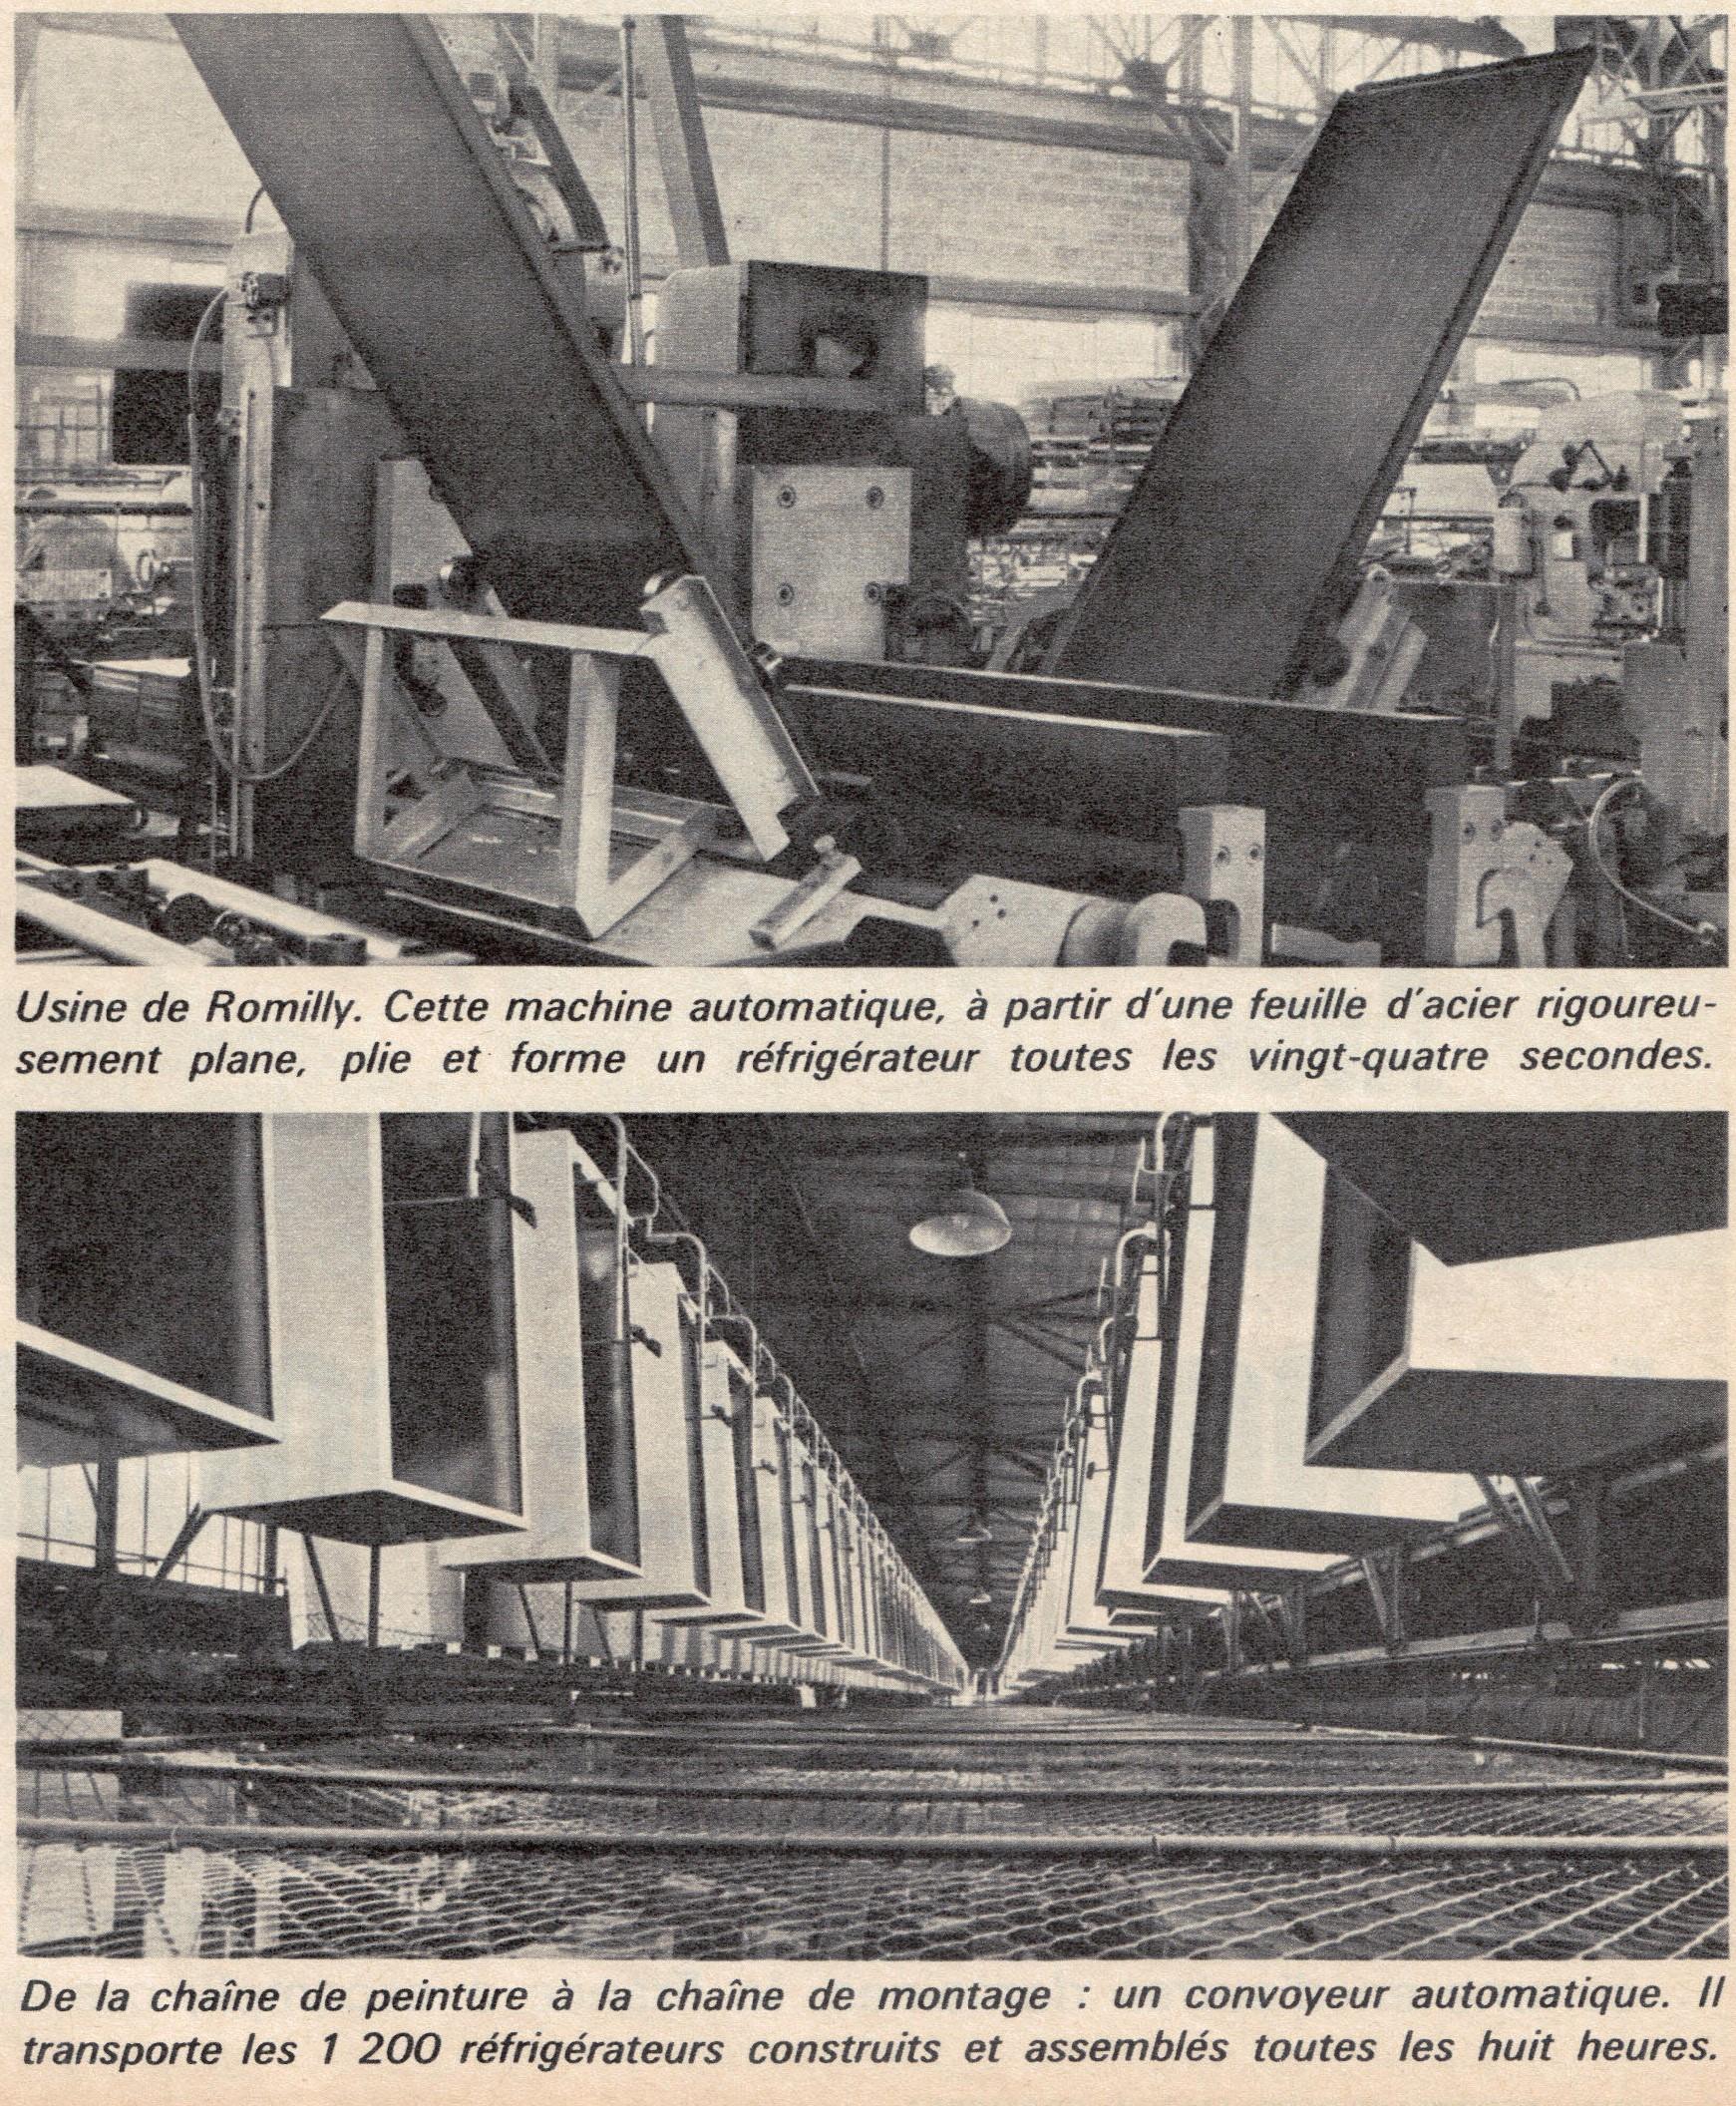 usine de romilly